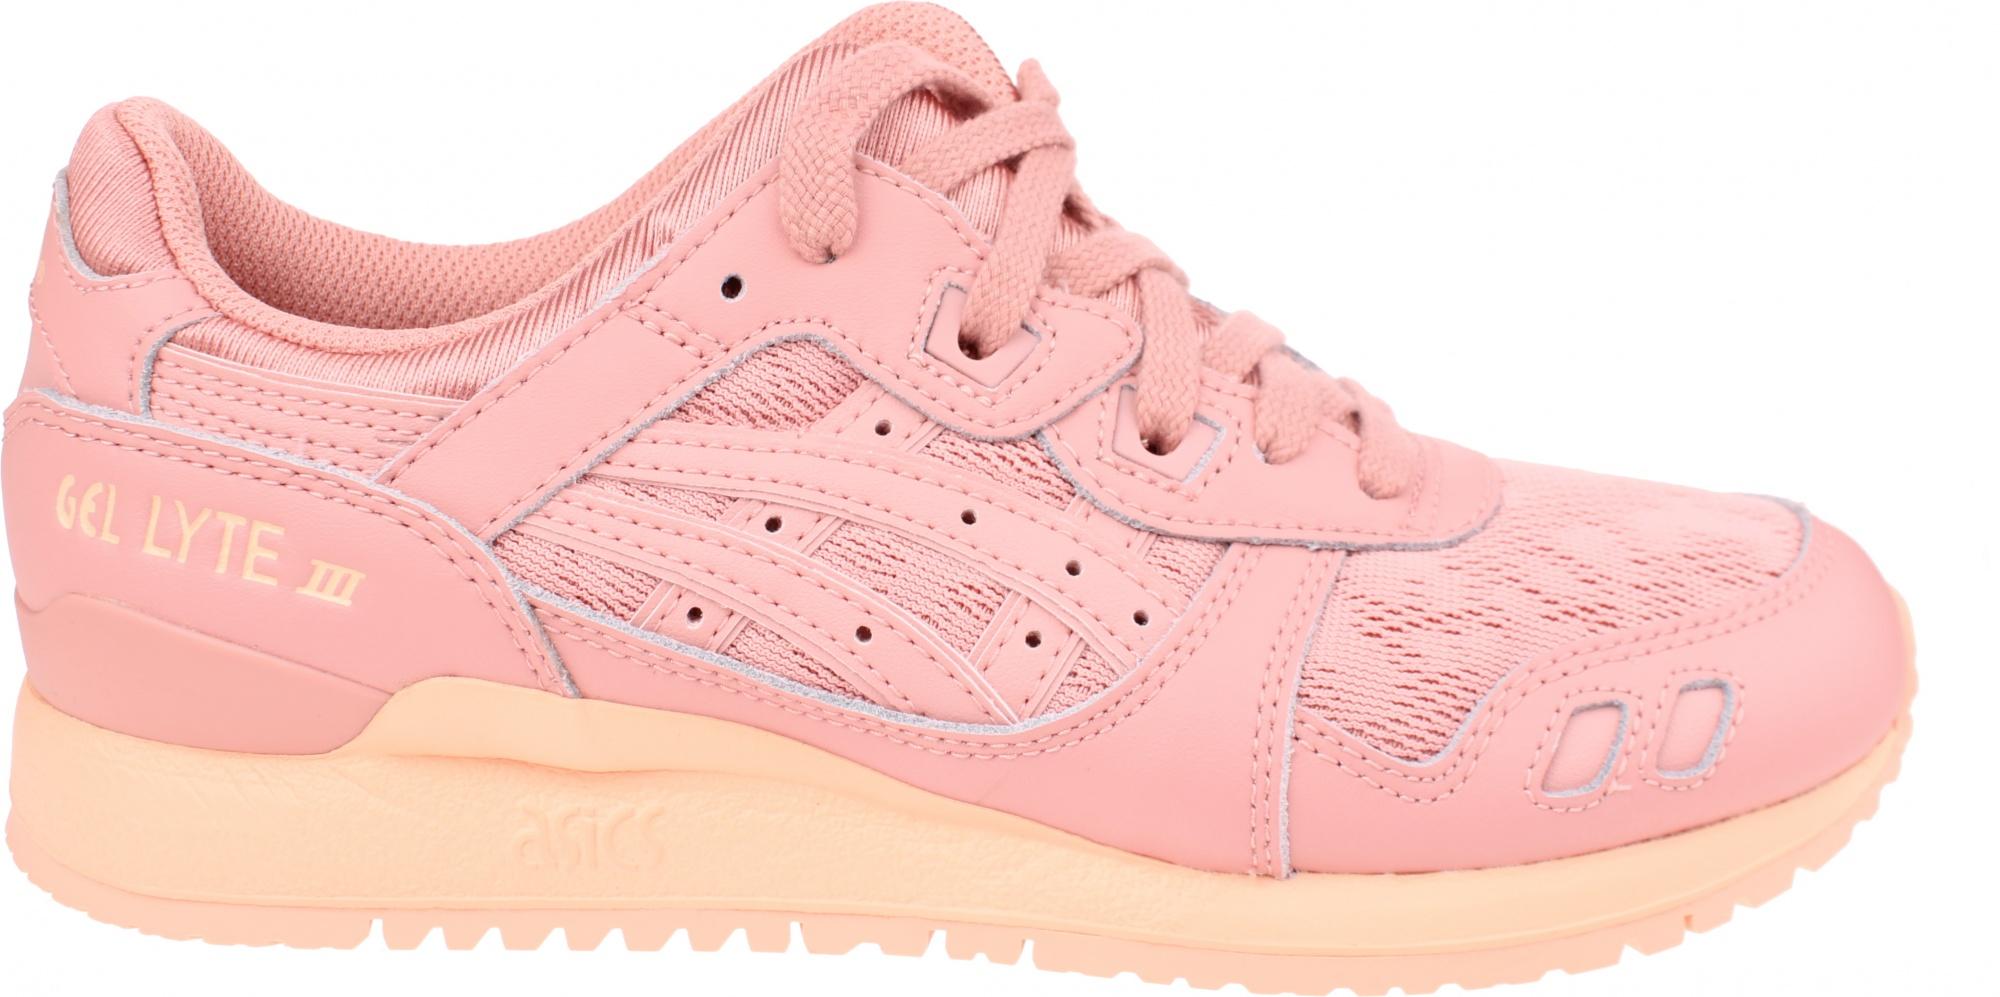 0d51a01011 ASICS sneakers Gel-Lyte III ladies pink - Giga-Bikes Tilburg